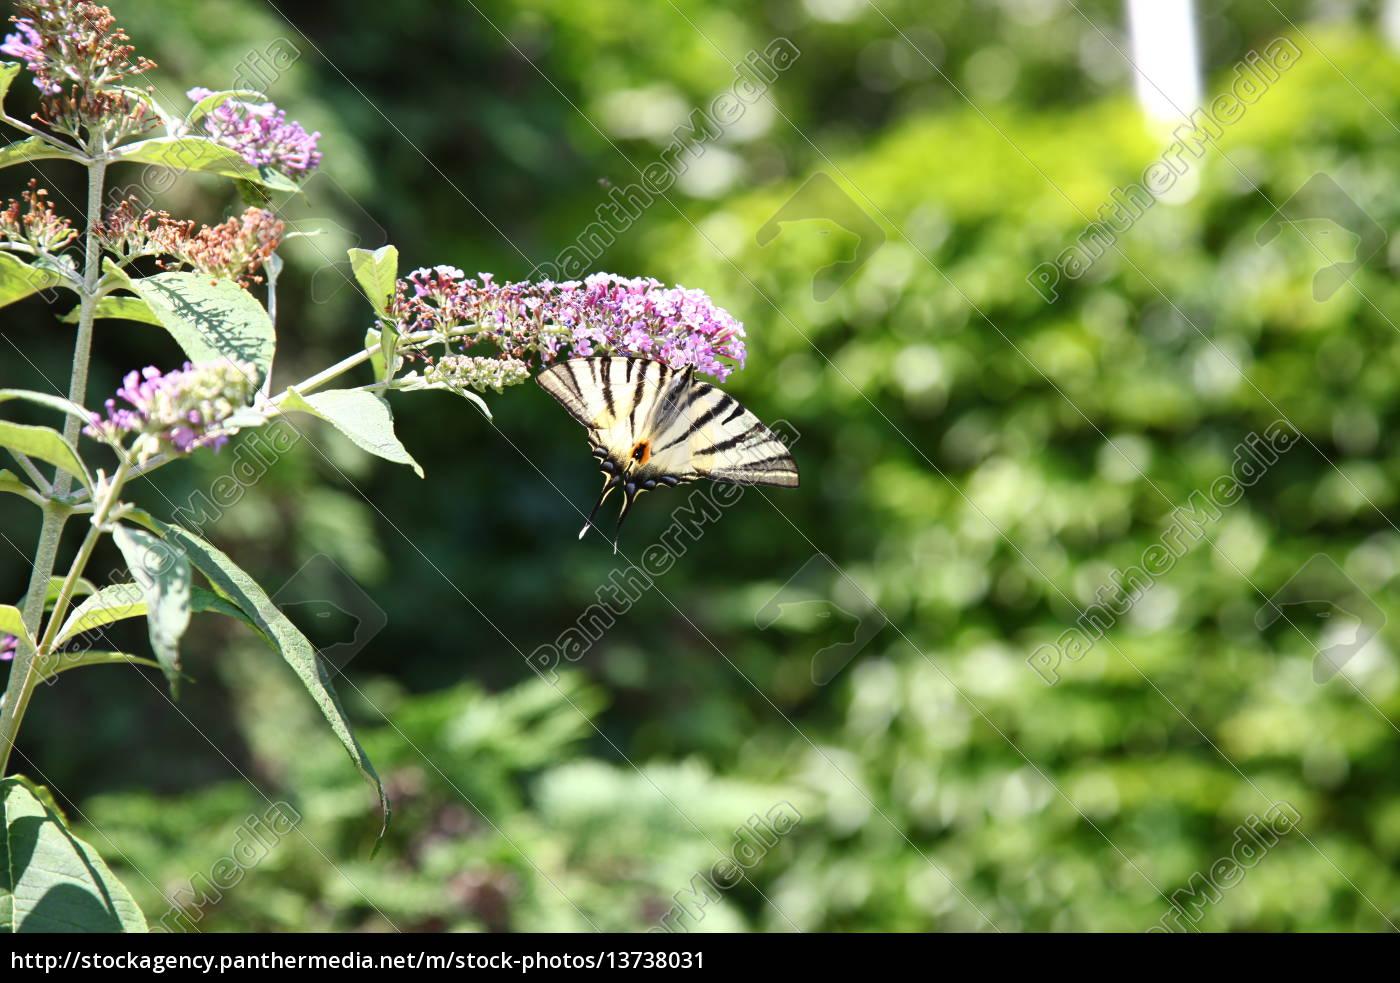 Schmetterling, Pflanze, Pflanzen, Tier, Falter, bestäuben - 13738031